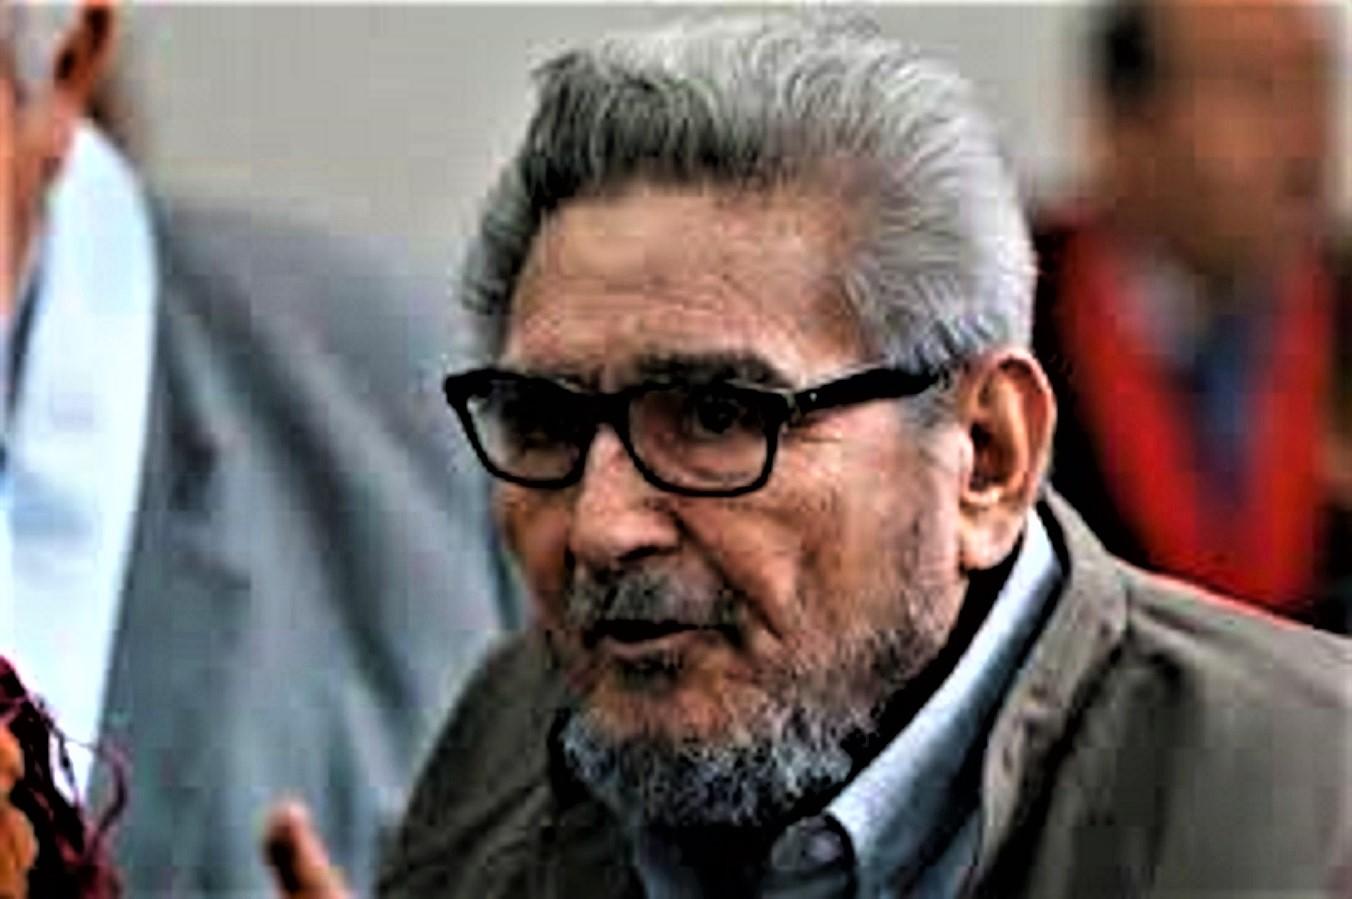 Murió Abimael Guzmán, gobierno extrema medidas de seguridad en el Perú ante posibles acciones terroristas.